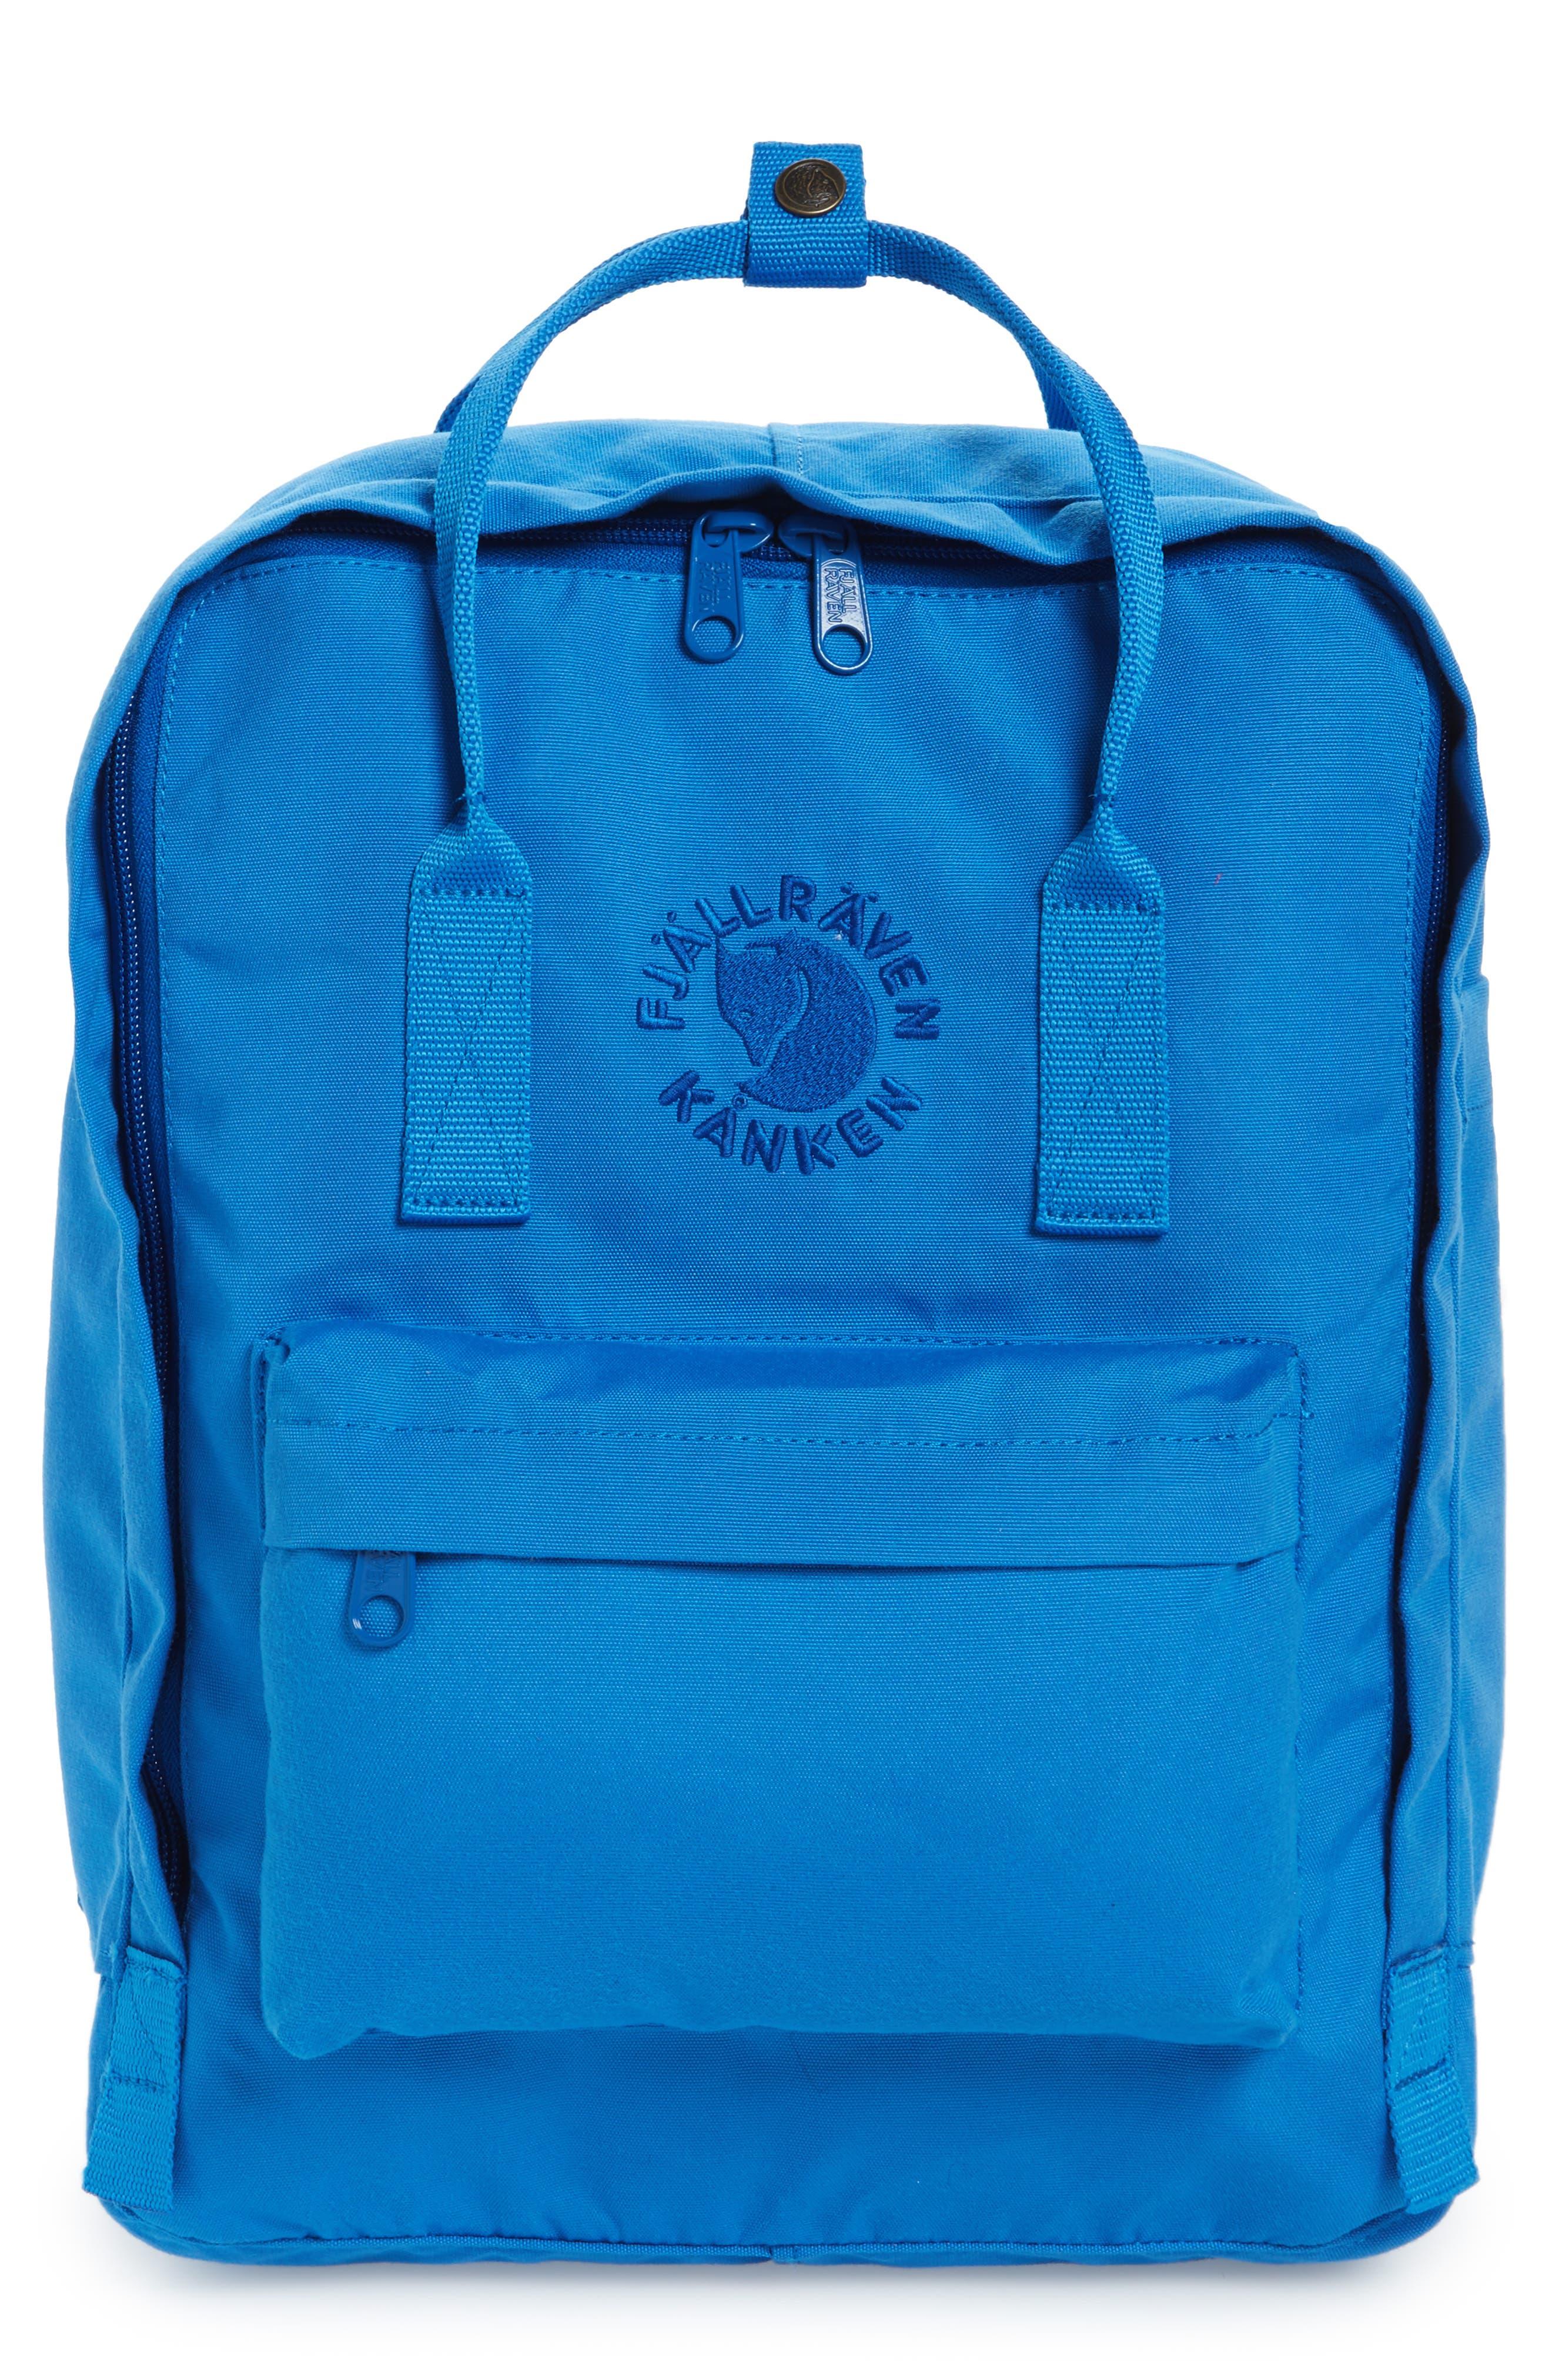 Re-Kånken Water Resistant Backpack,                             Main thumbnail 1, color,                             UN BLUE